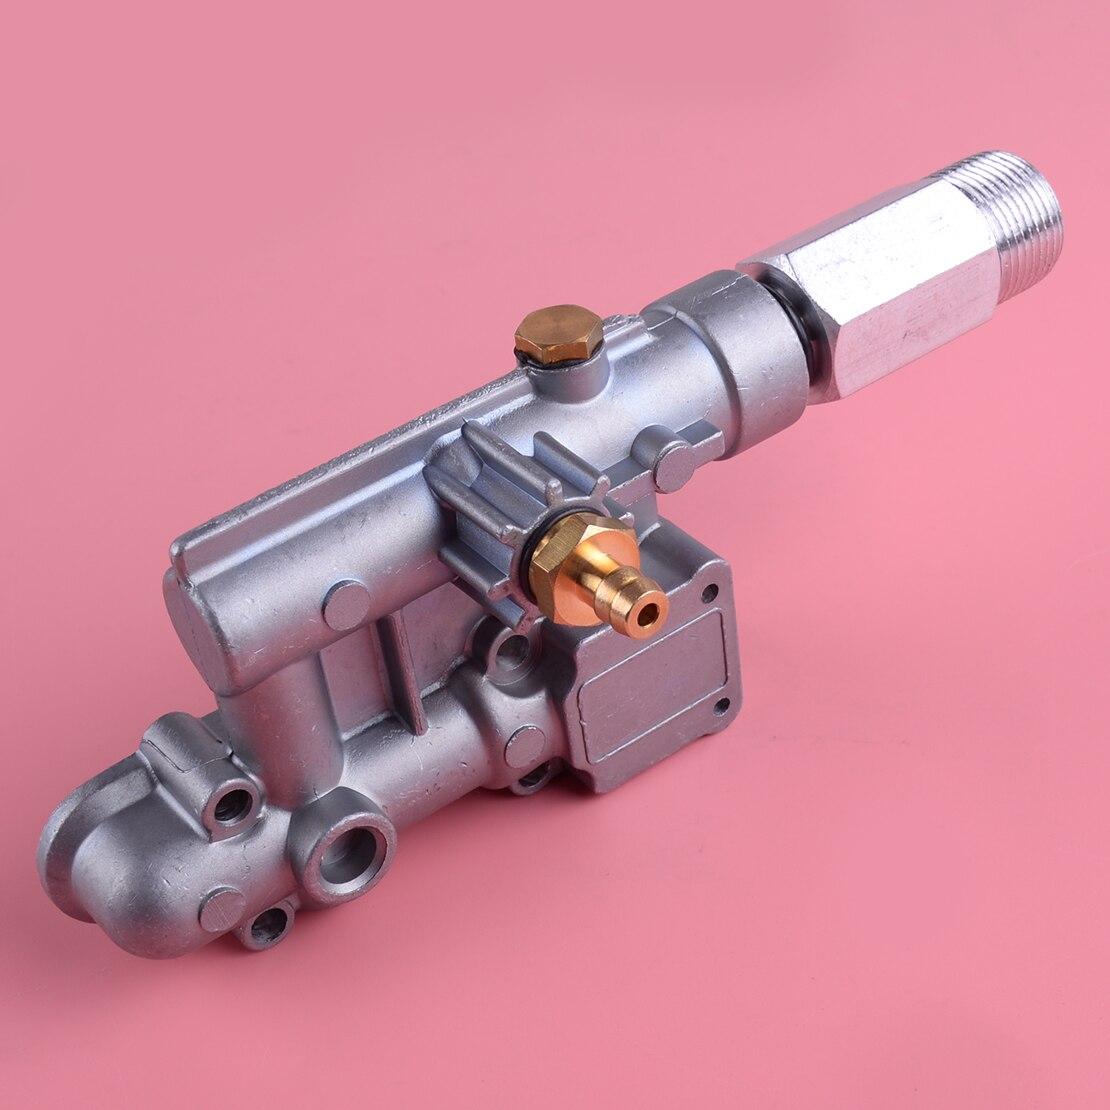 Máquina de Lavar a Pressão do Metal Apto para Briggs Letaosk Coletor Injector Válvula Retenção Entrada Bomba 190627gs 190574gs Stratton Kit